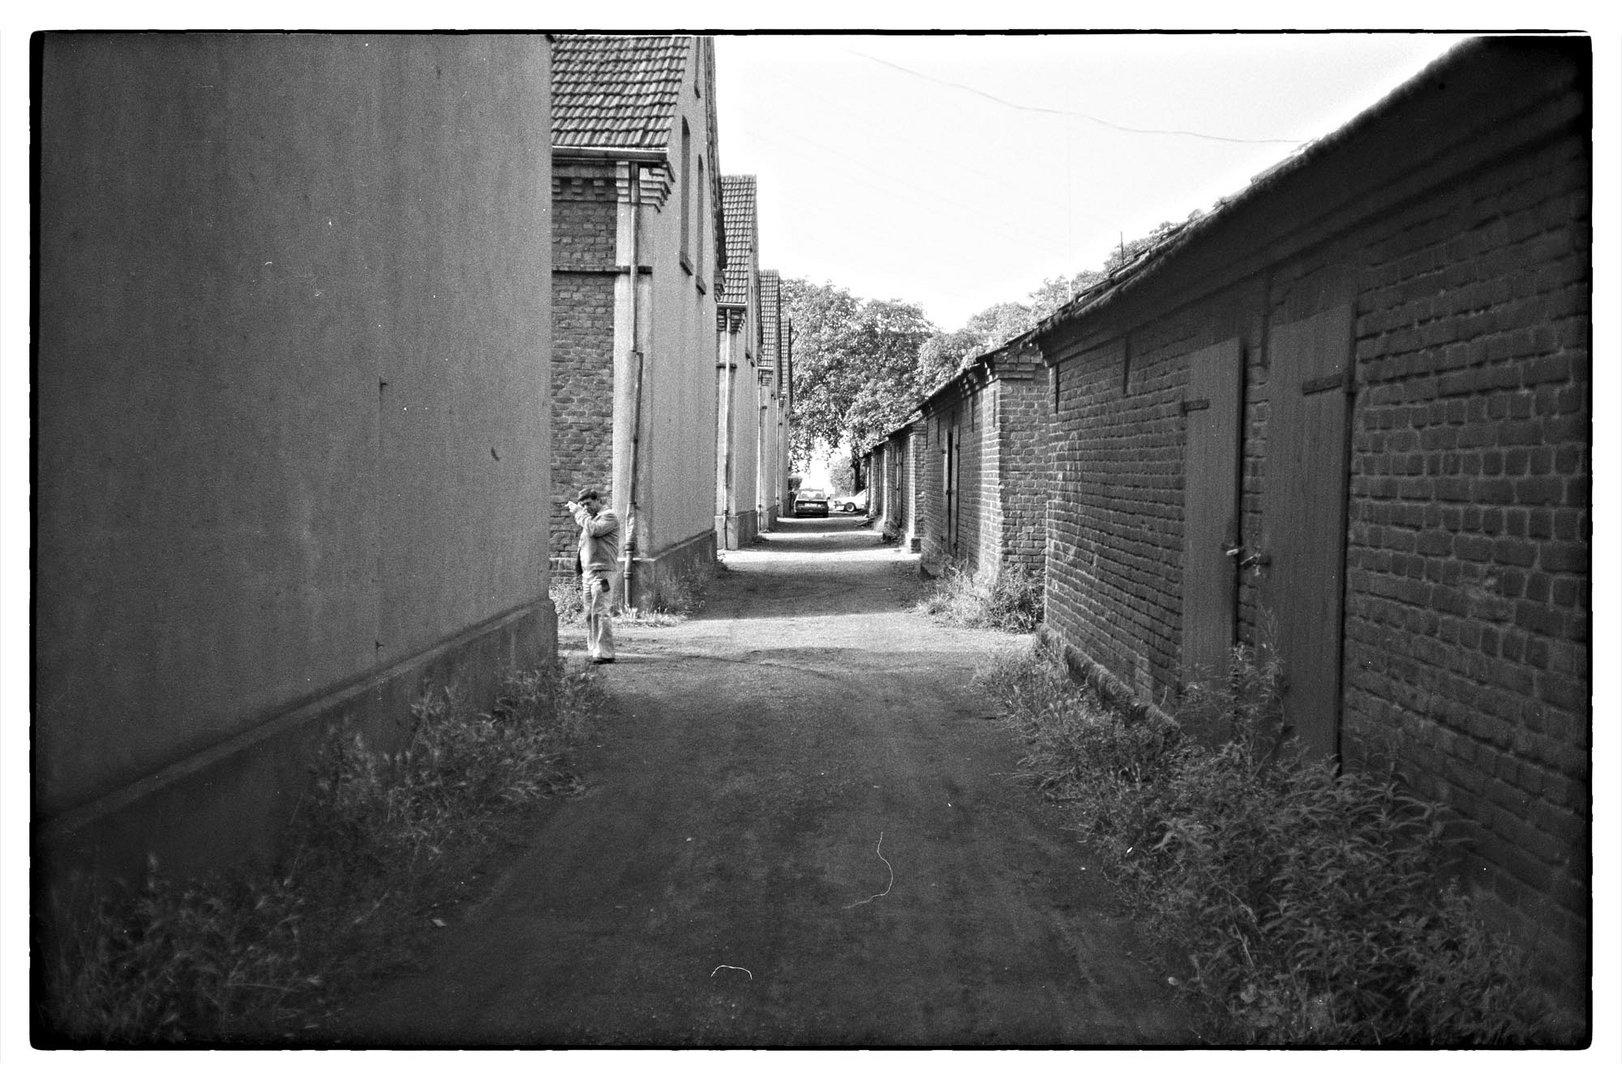 Bergarbeitersiedlung, Dinslaken 1986